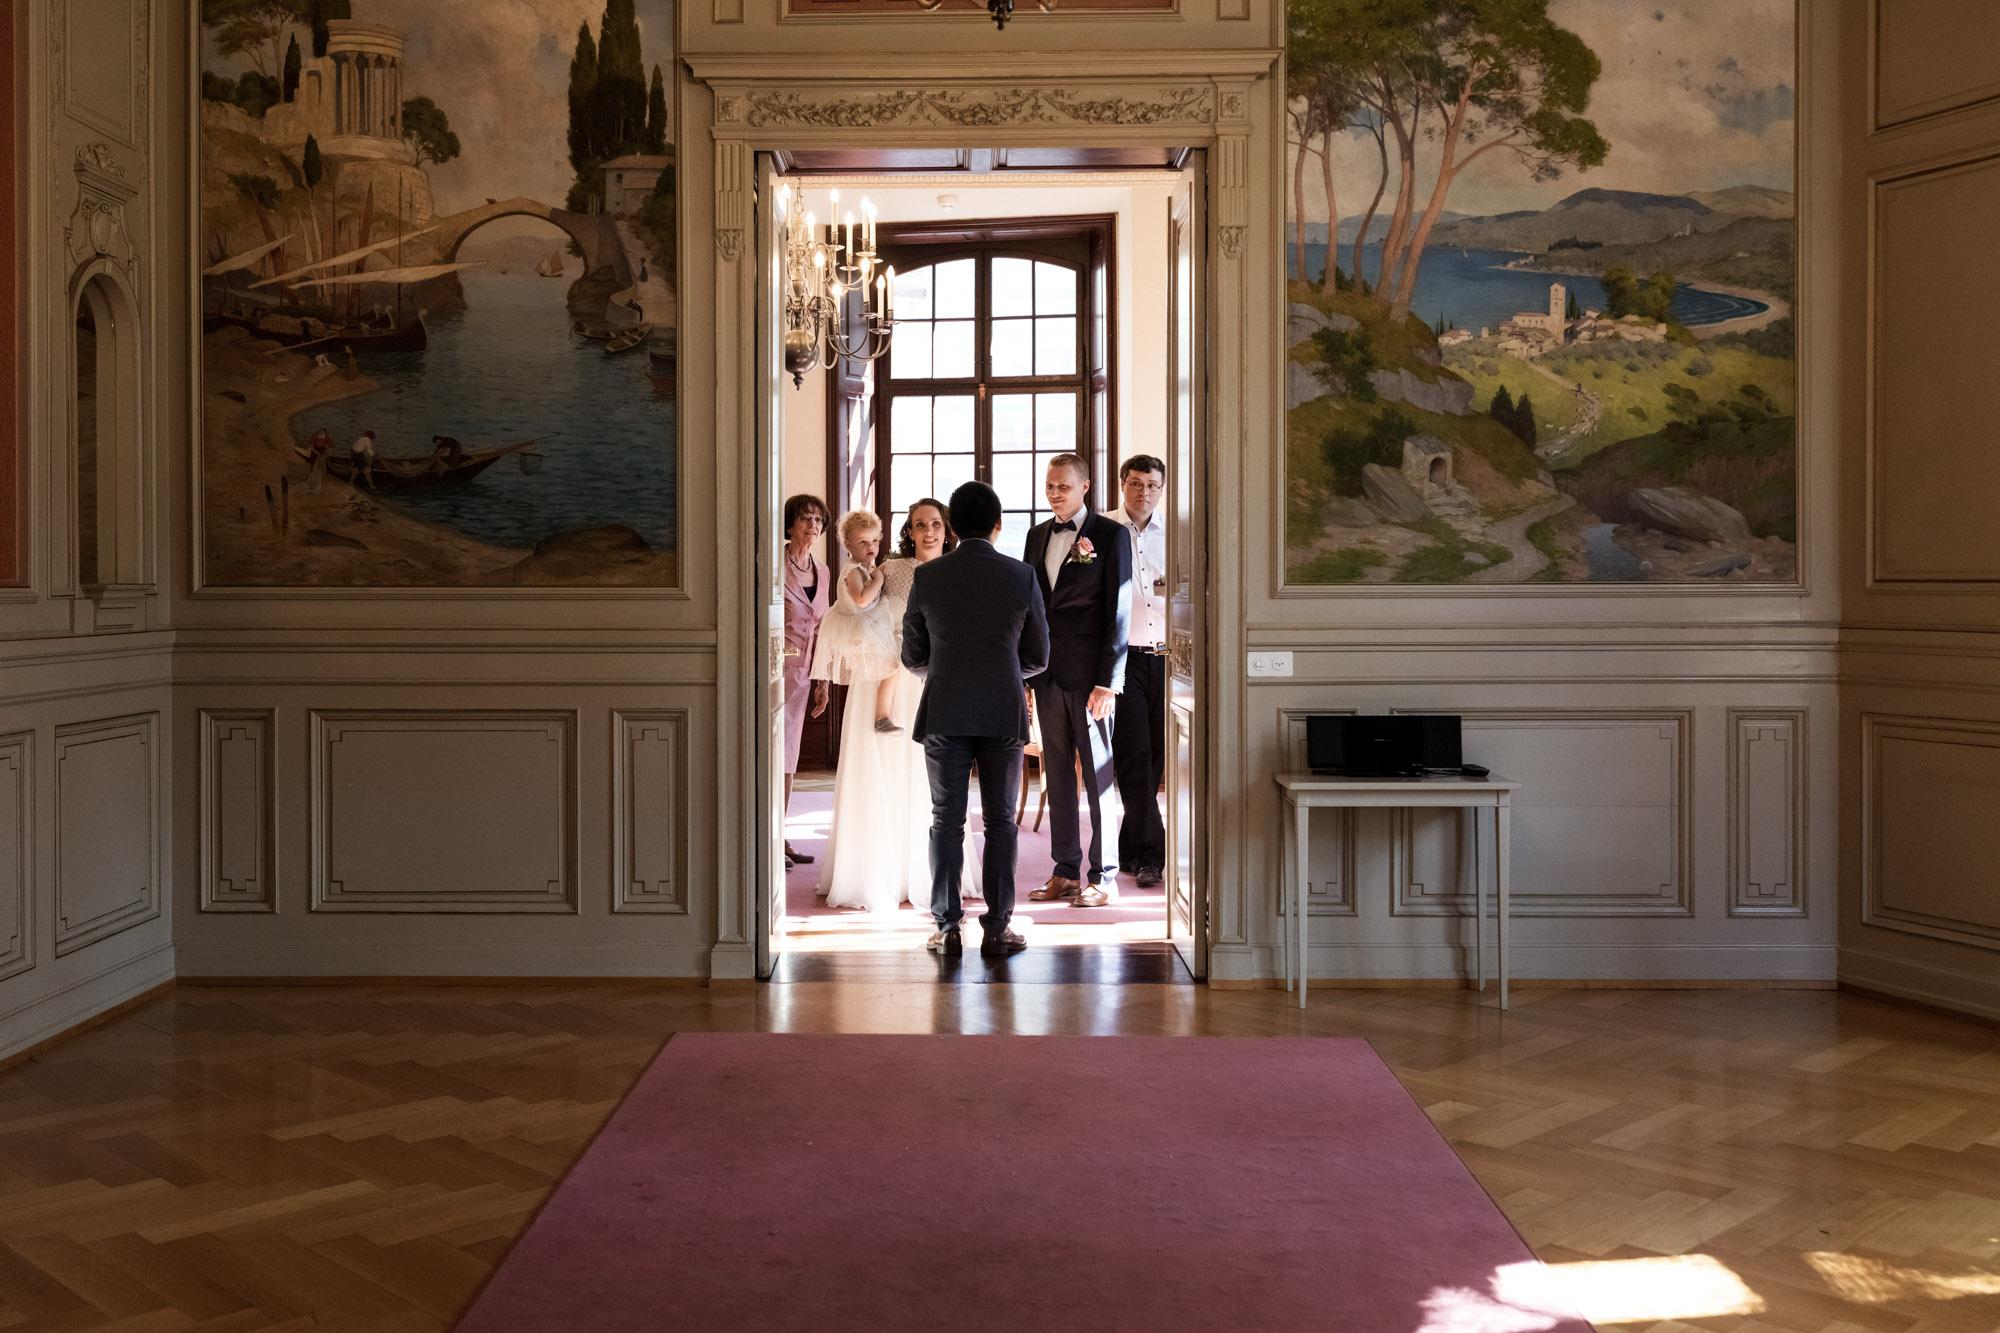 Warteraum beim Zivilstandsamt Basel - Hochzeitsfotografen Basel